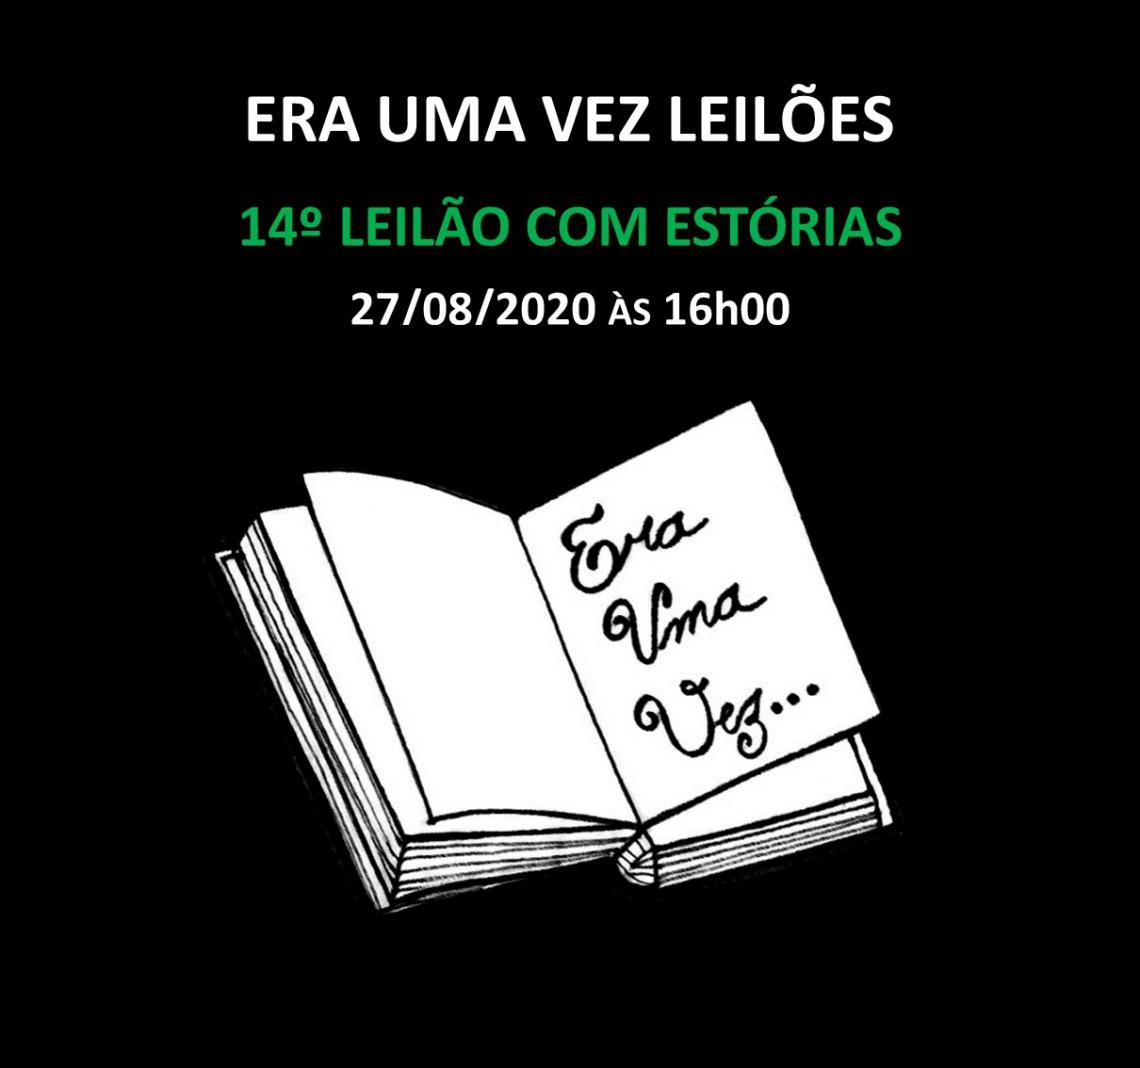 14º LEILÃO COM ESTÓRIAS - 27/08/2020 às 16h00